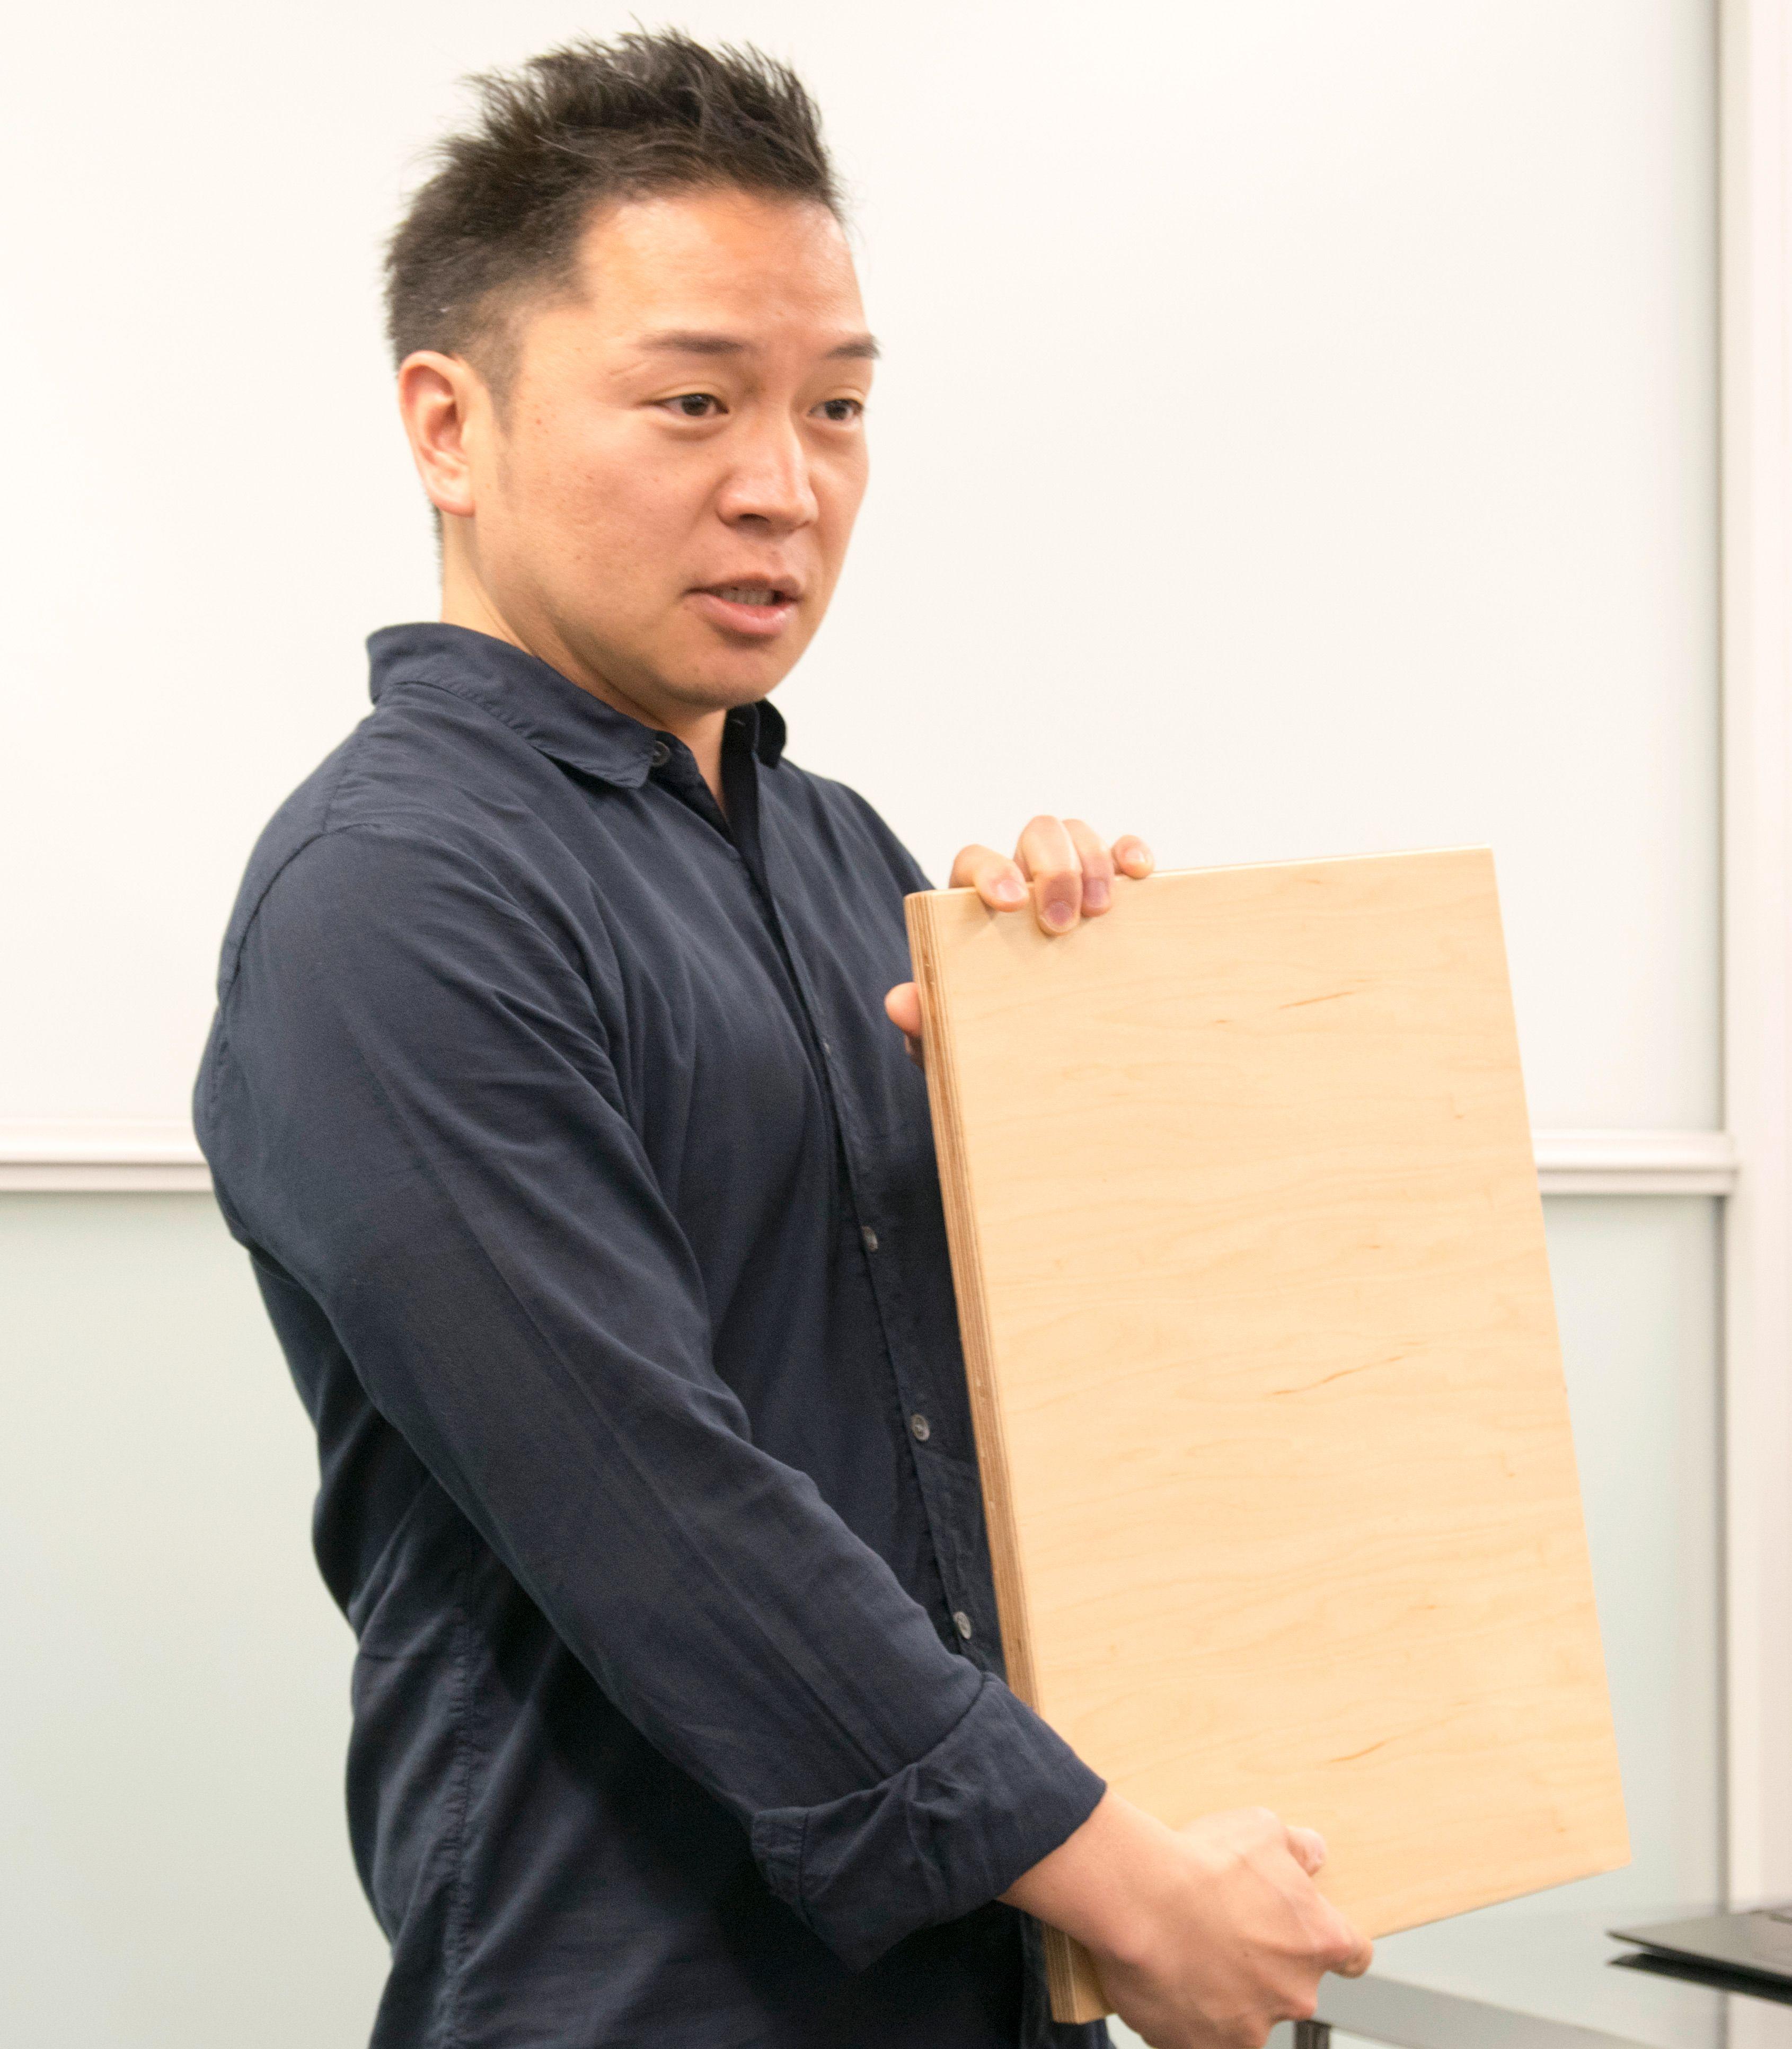 Jun Makino har en svært lang og vanskelig oversettelig tittel, «senior manager of product experience marketing». Humor trenger imidlertid ikke å bli tapt i oversettelsen. Slik introduserte han spøkefullt Sonys nye selfiekjempe.